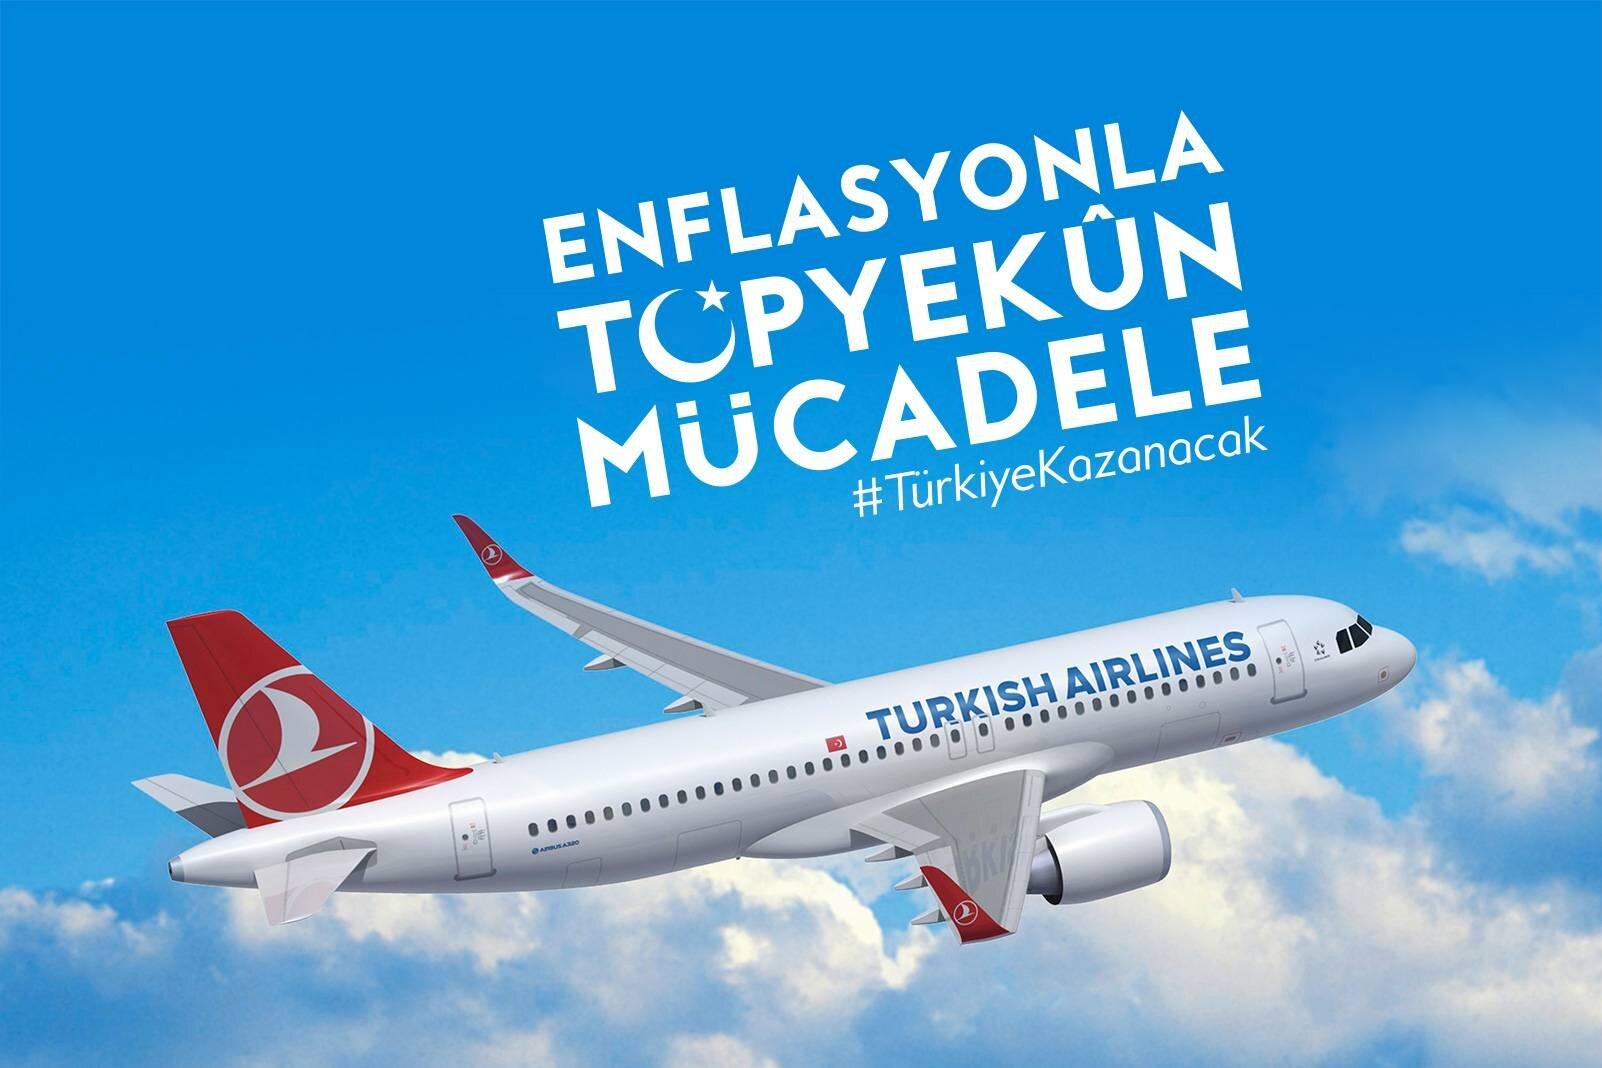 Türk Hava Yolları'ndan %10 indirim fırsatı